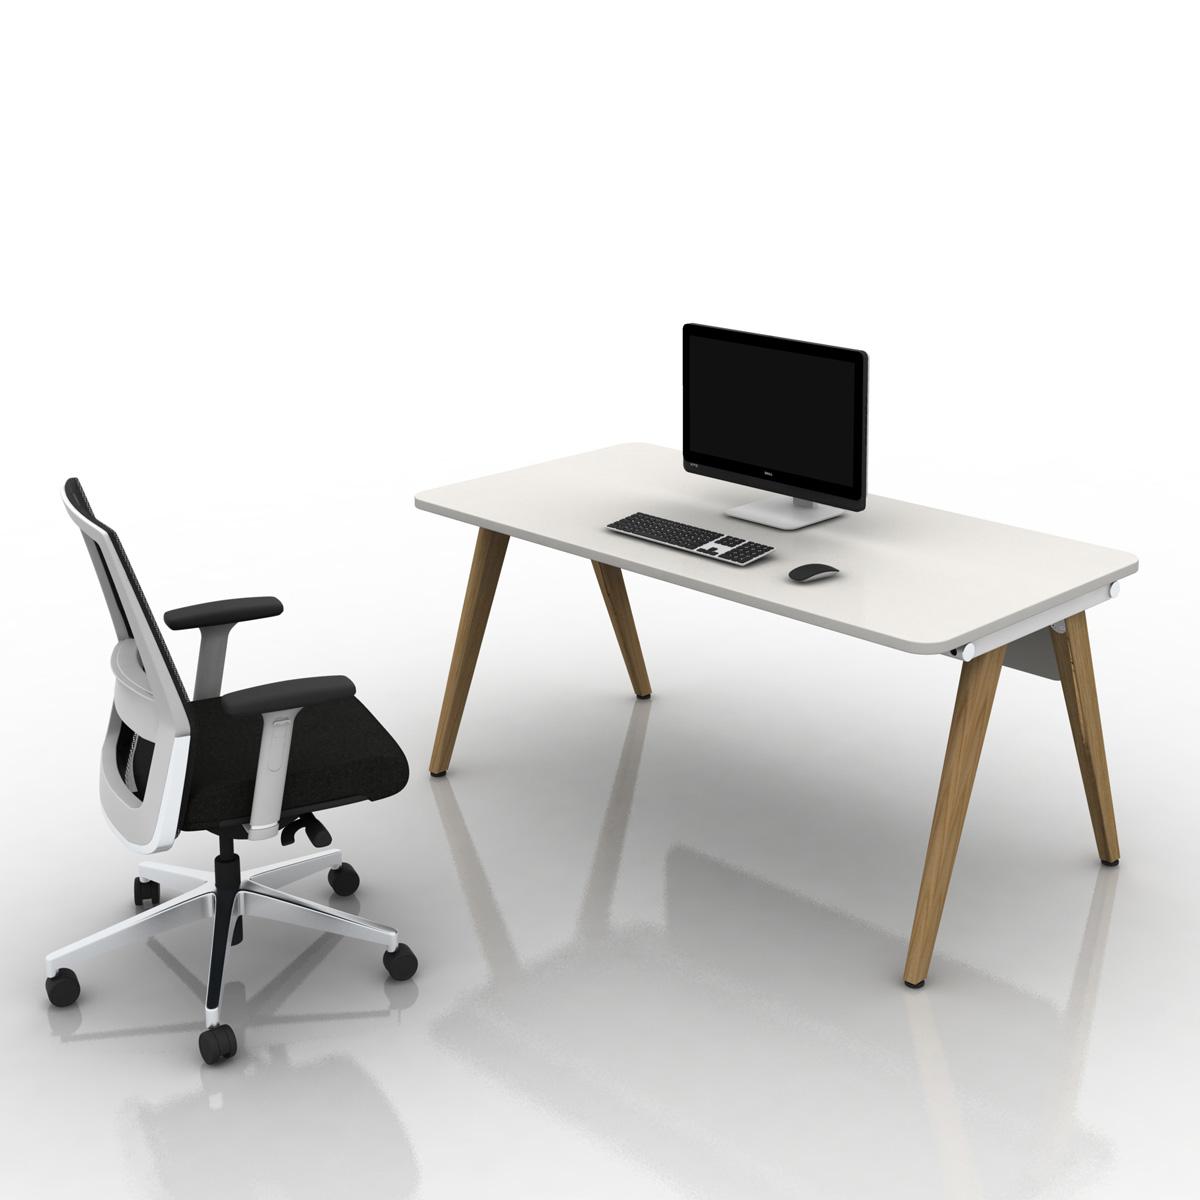 Vega Wood Mobili Office